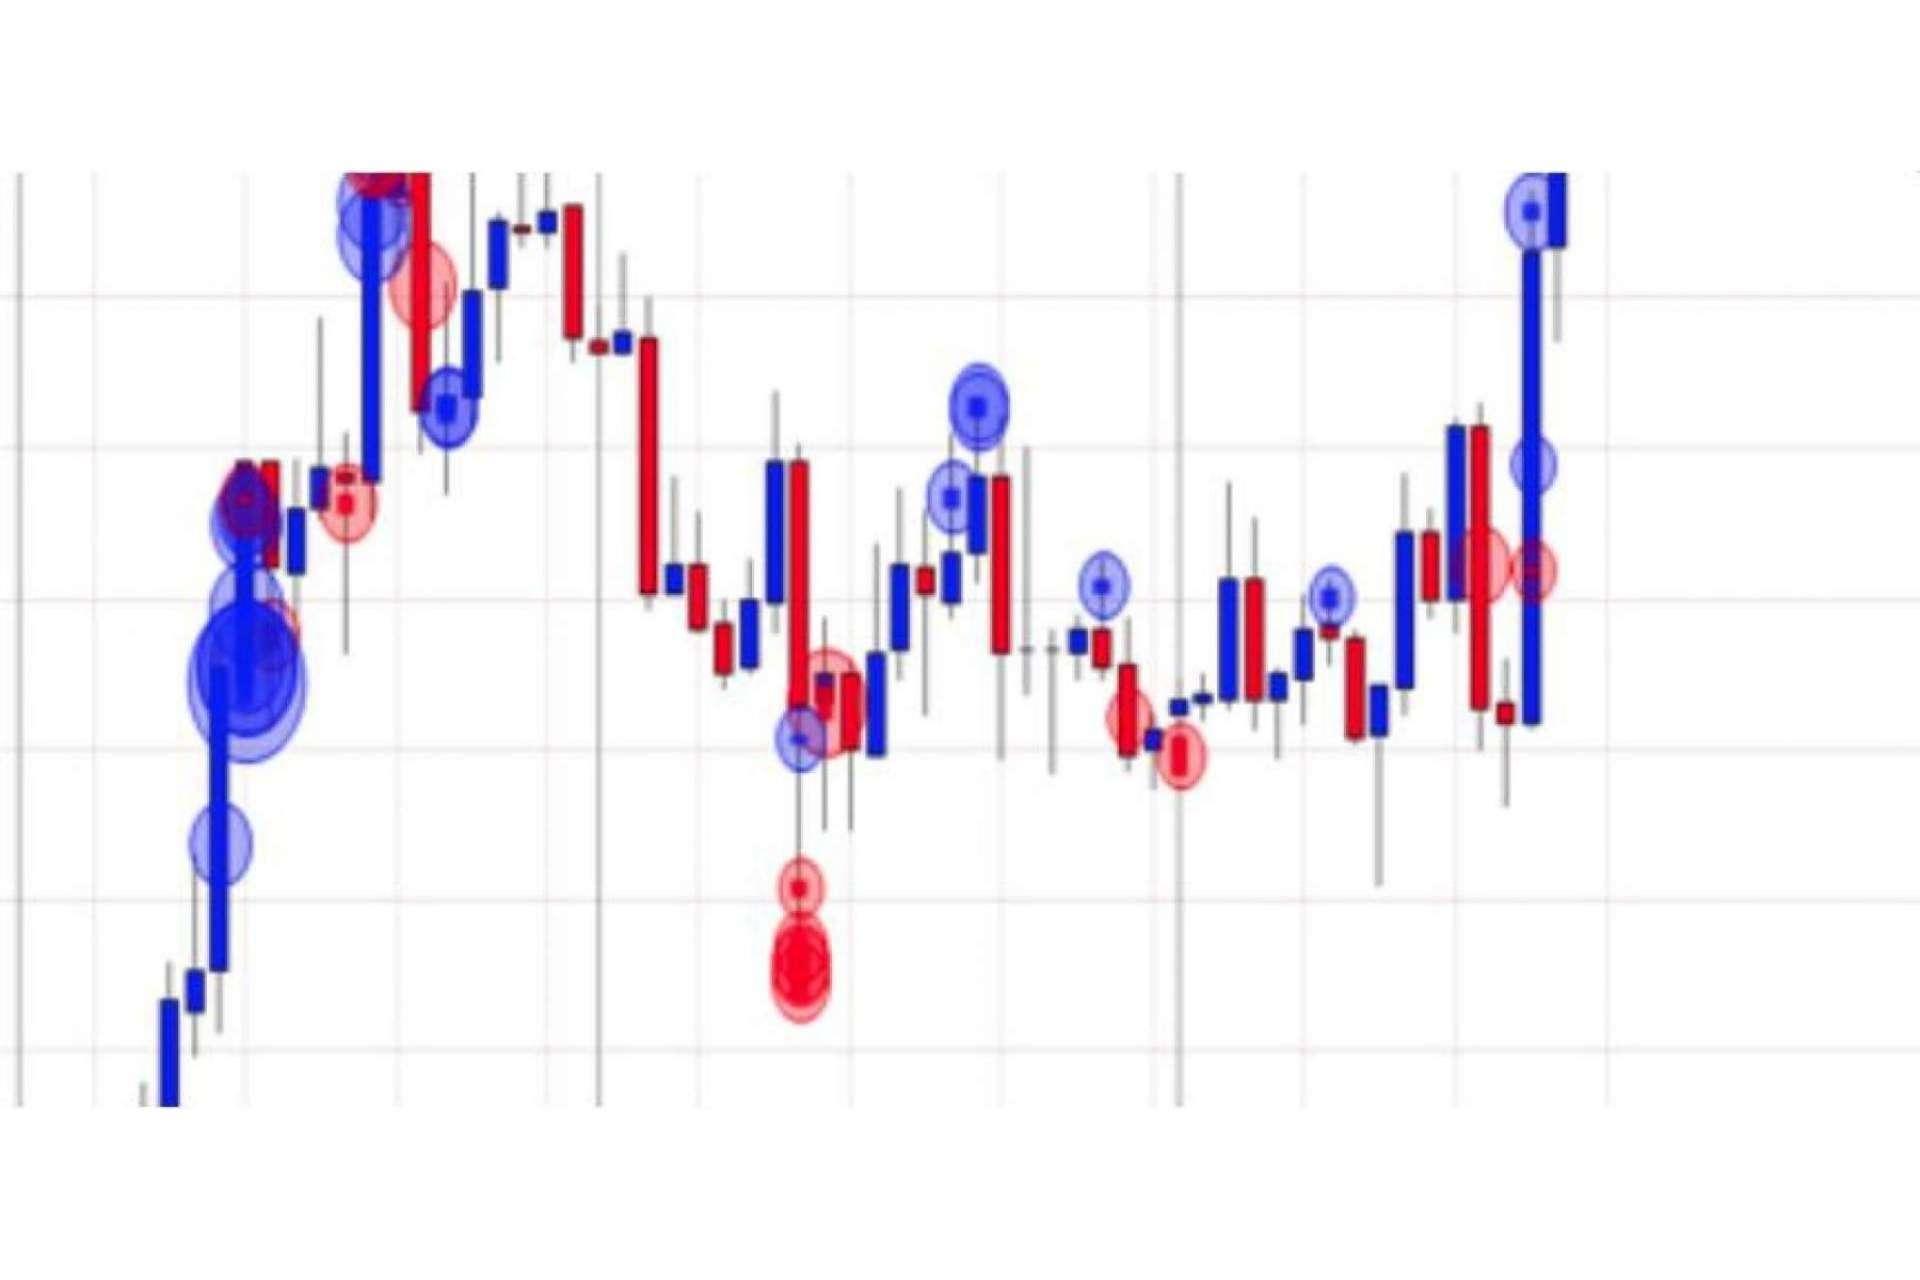 Cómo iniciarse en Forex gracias a la ayuda del trader experto Juan Manuel García